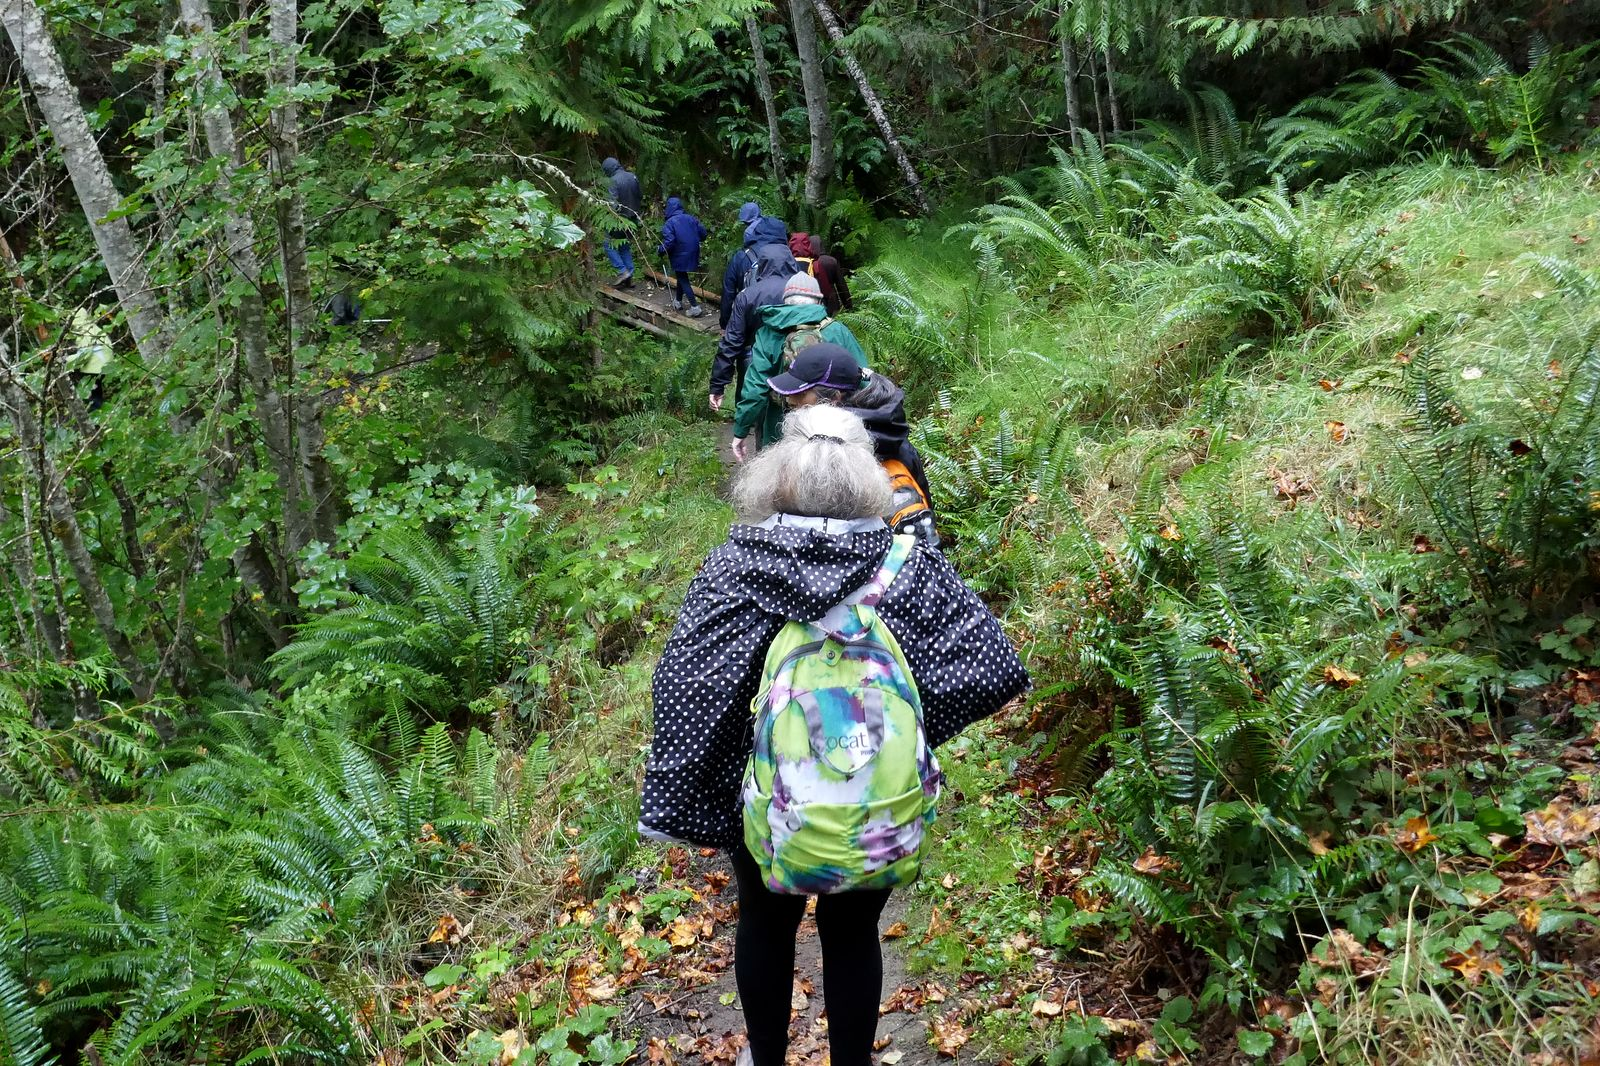 The hike begins